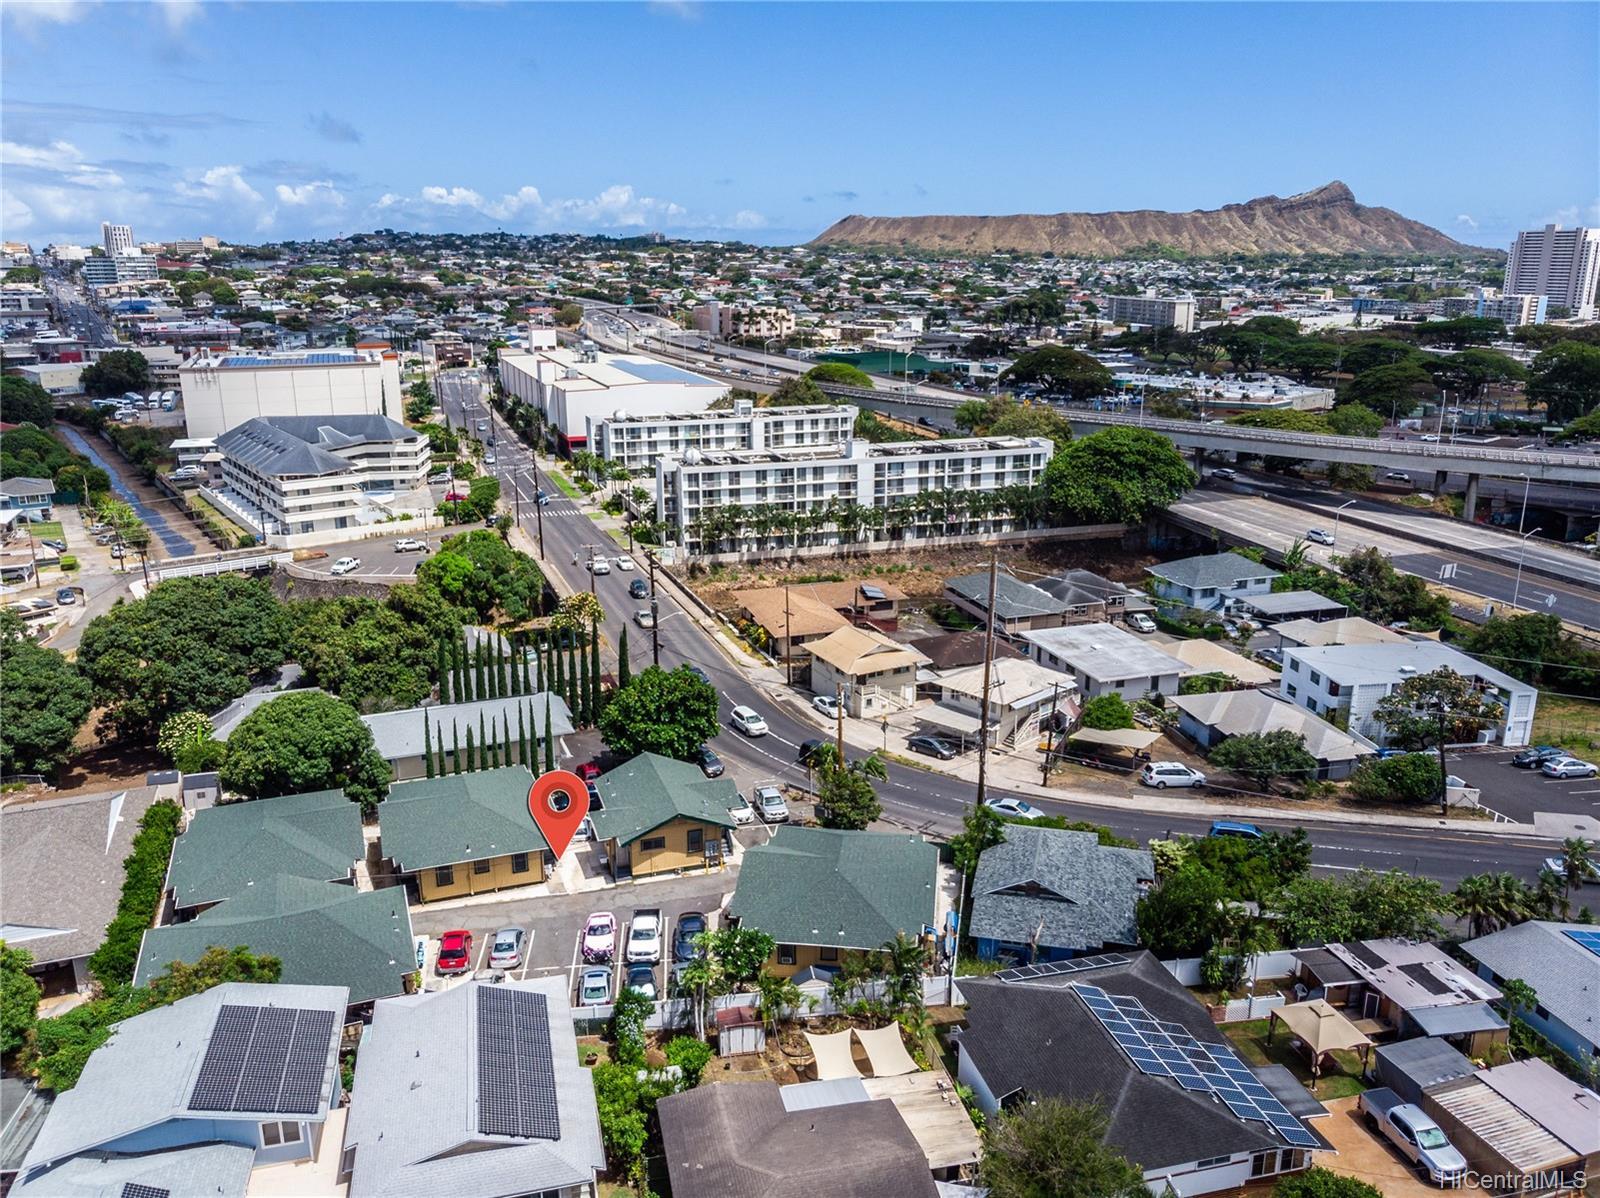 2816 Waialae Ave Honolulu - Multi-family - photo 14 of 21